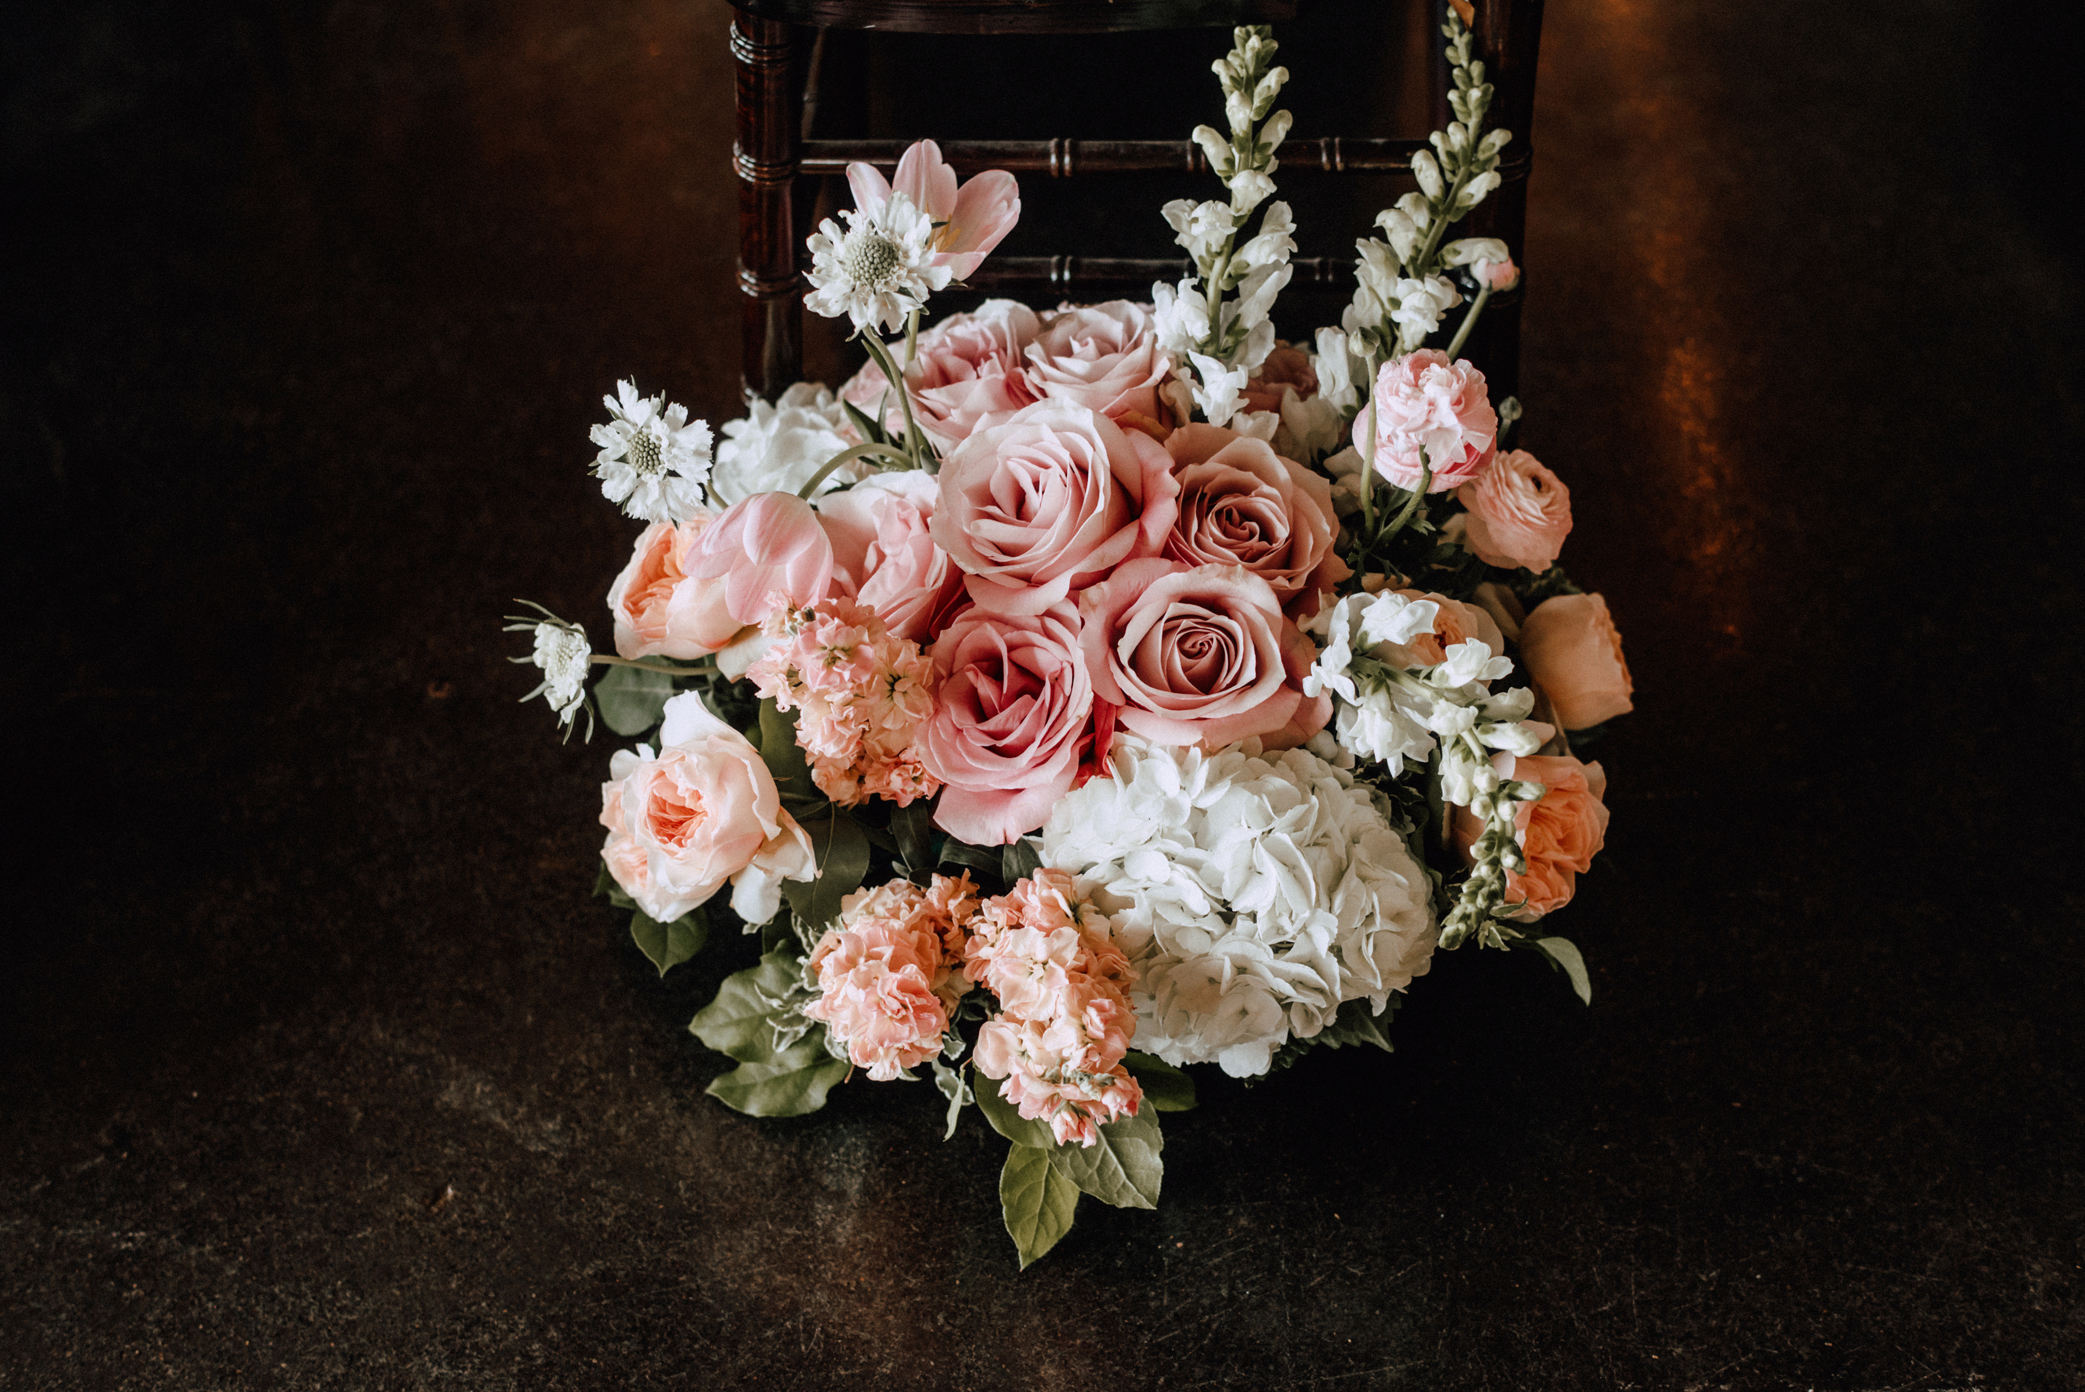 centerpiece peach wedding florist richmond virginia juliet garden rose